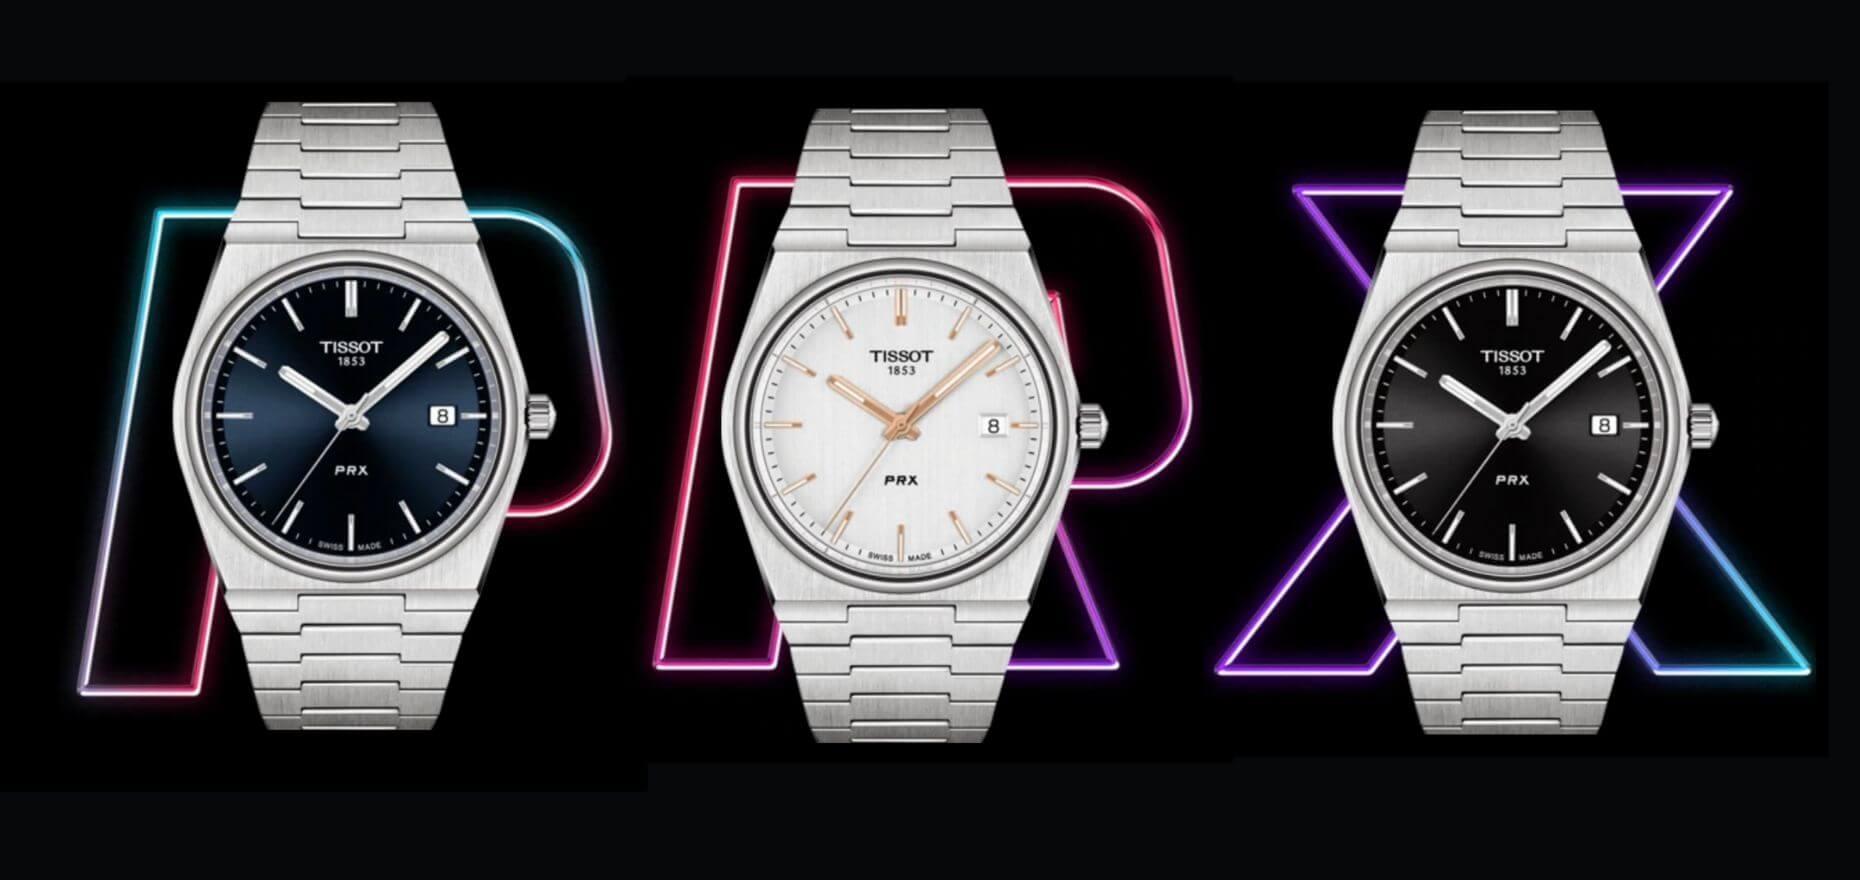 Saturday Night Fever mit der neuen Tissot PRX